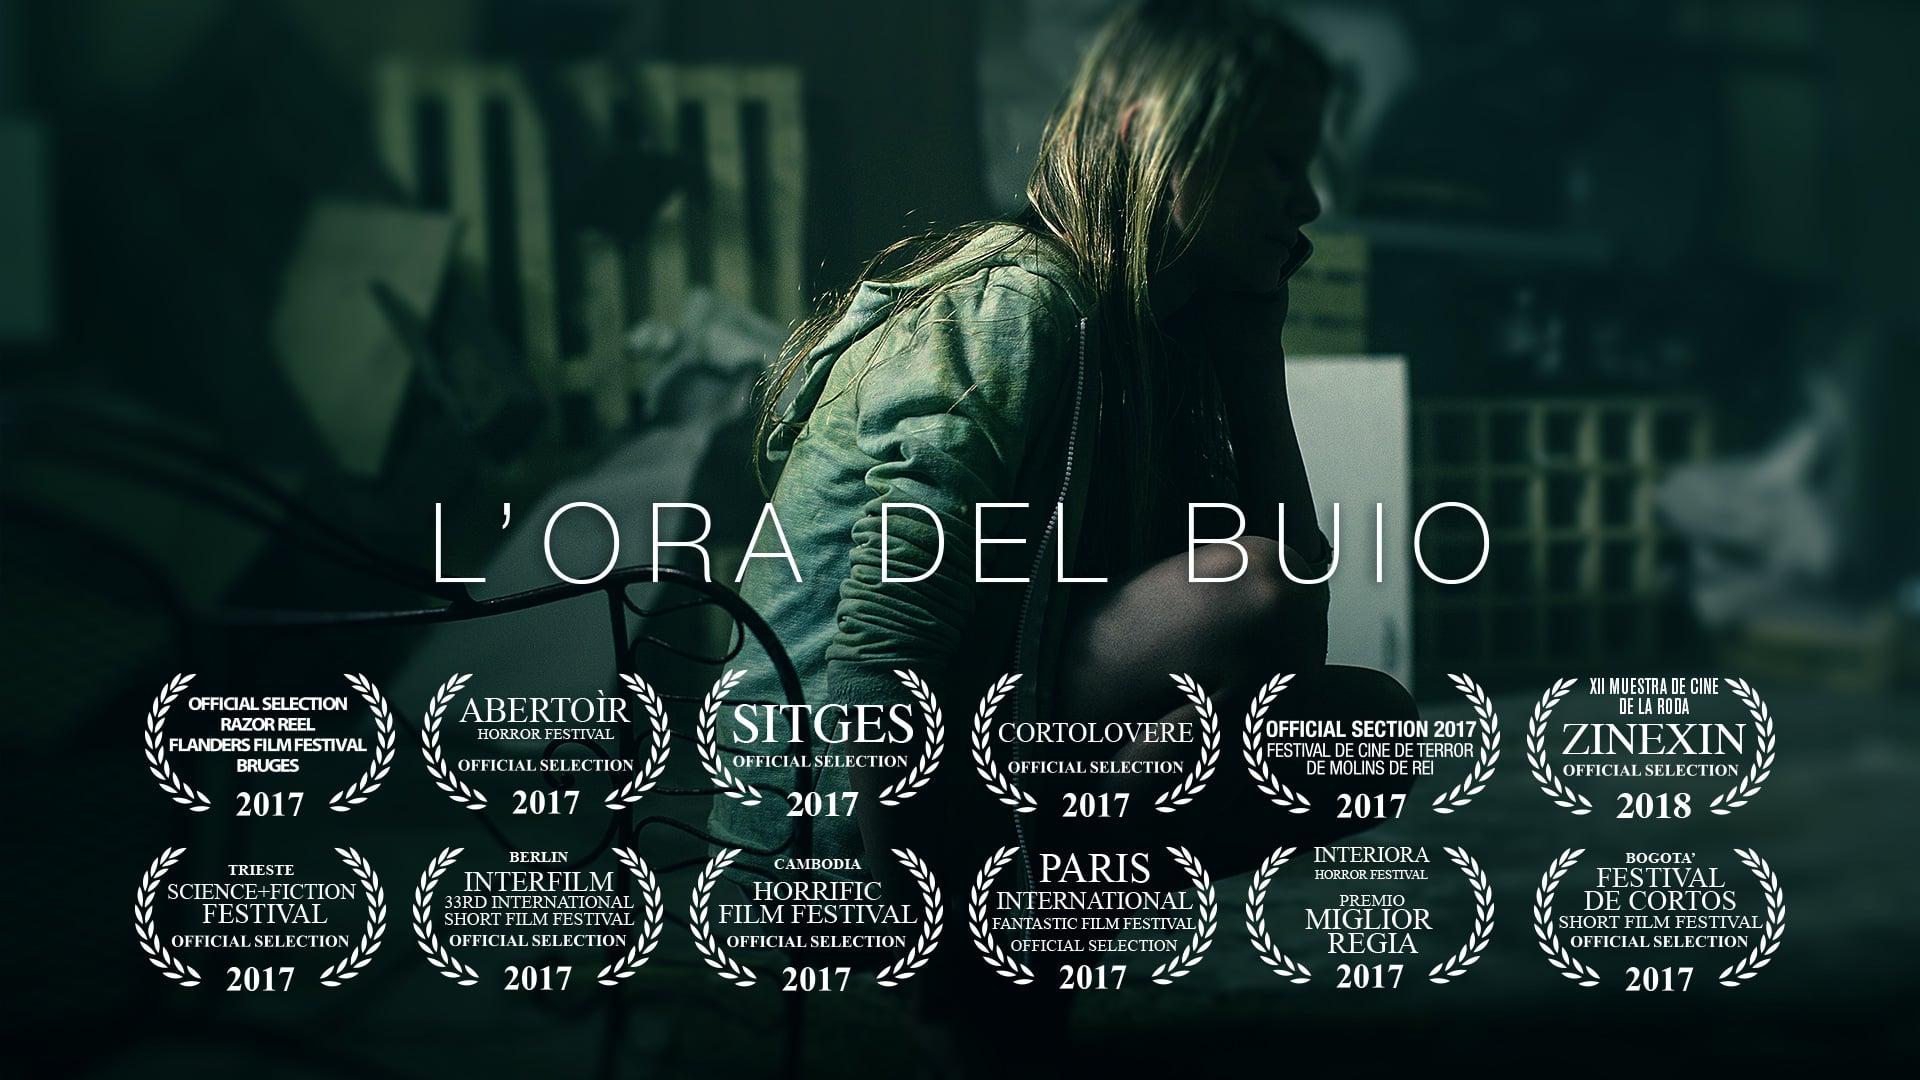 L'ora del buio - The hour of darkness [2017]